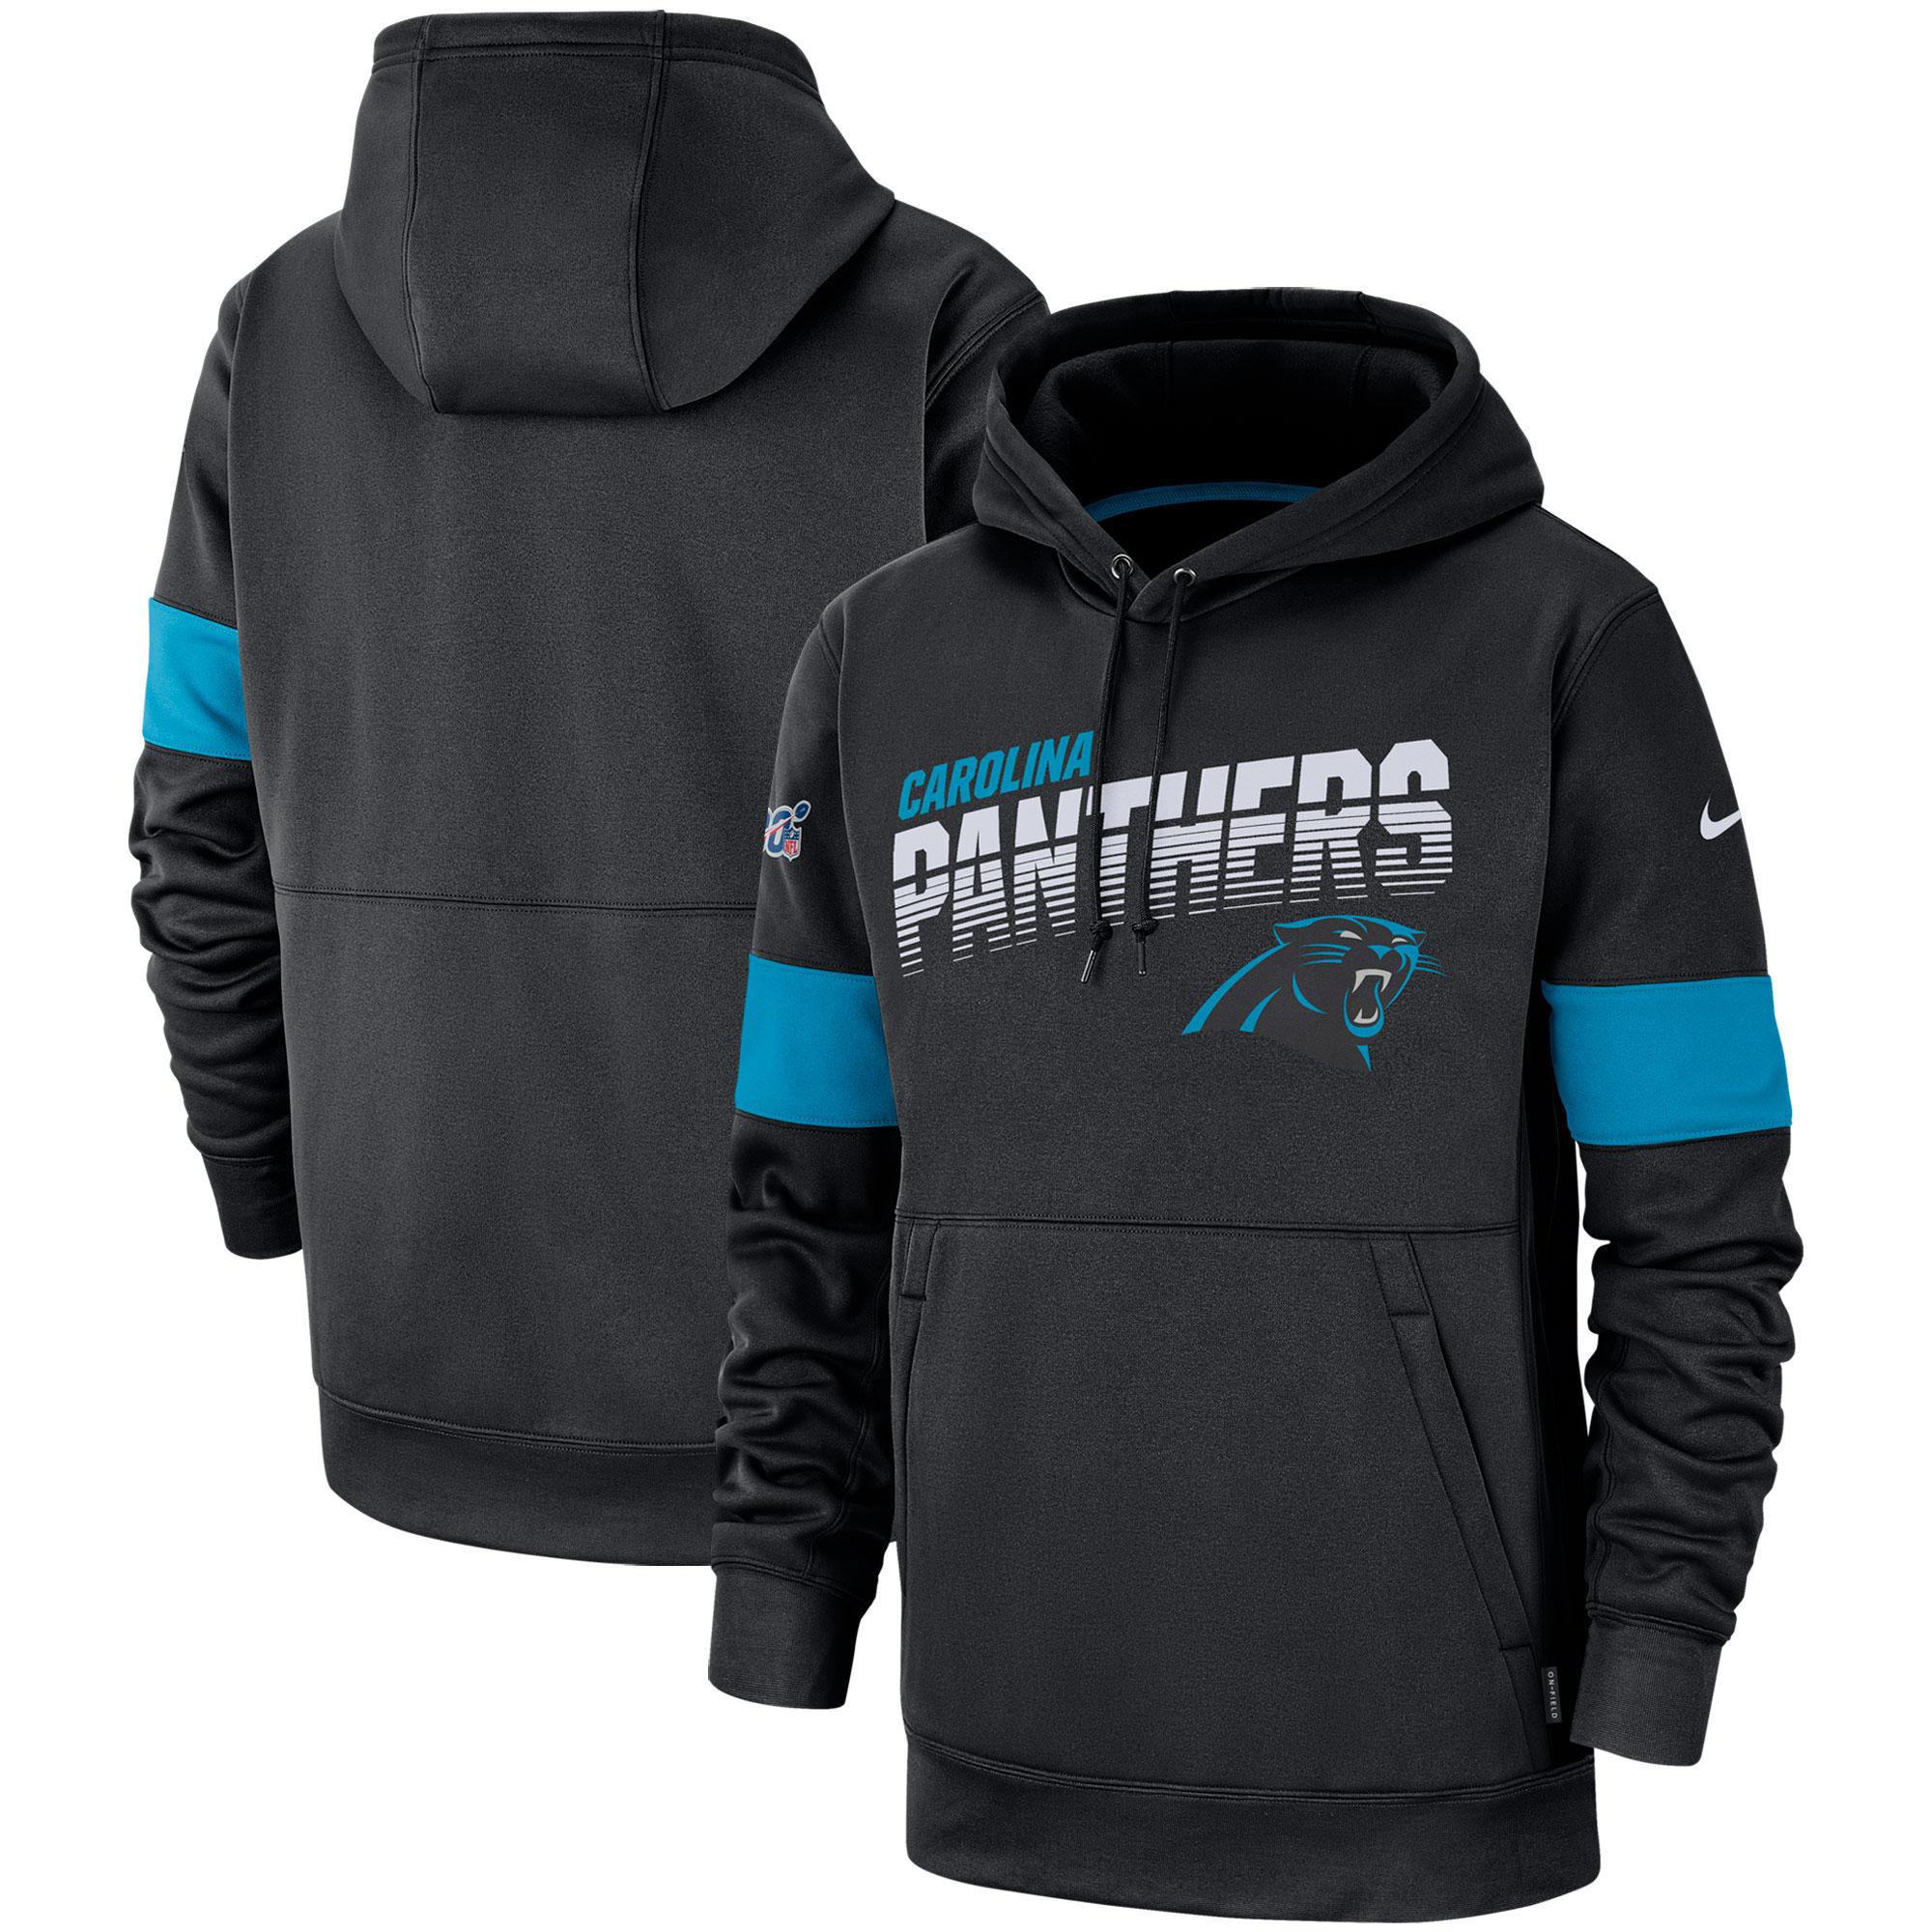 Carolina Panthers Nike Therma-Kapuzenpullover - Herren